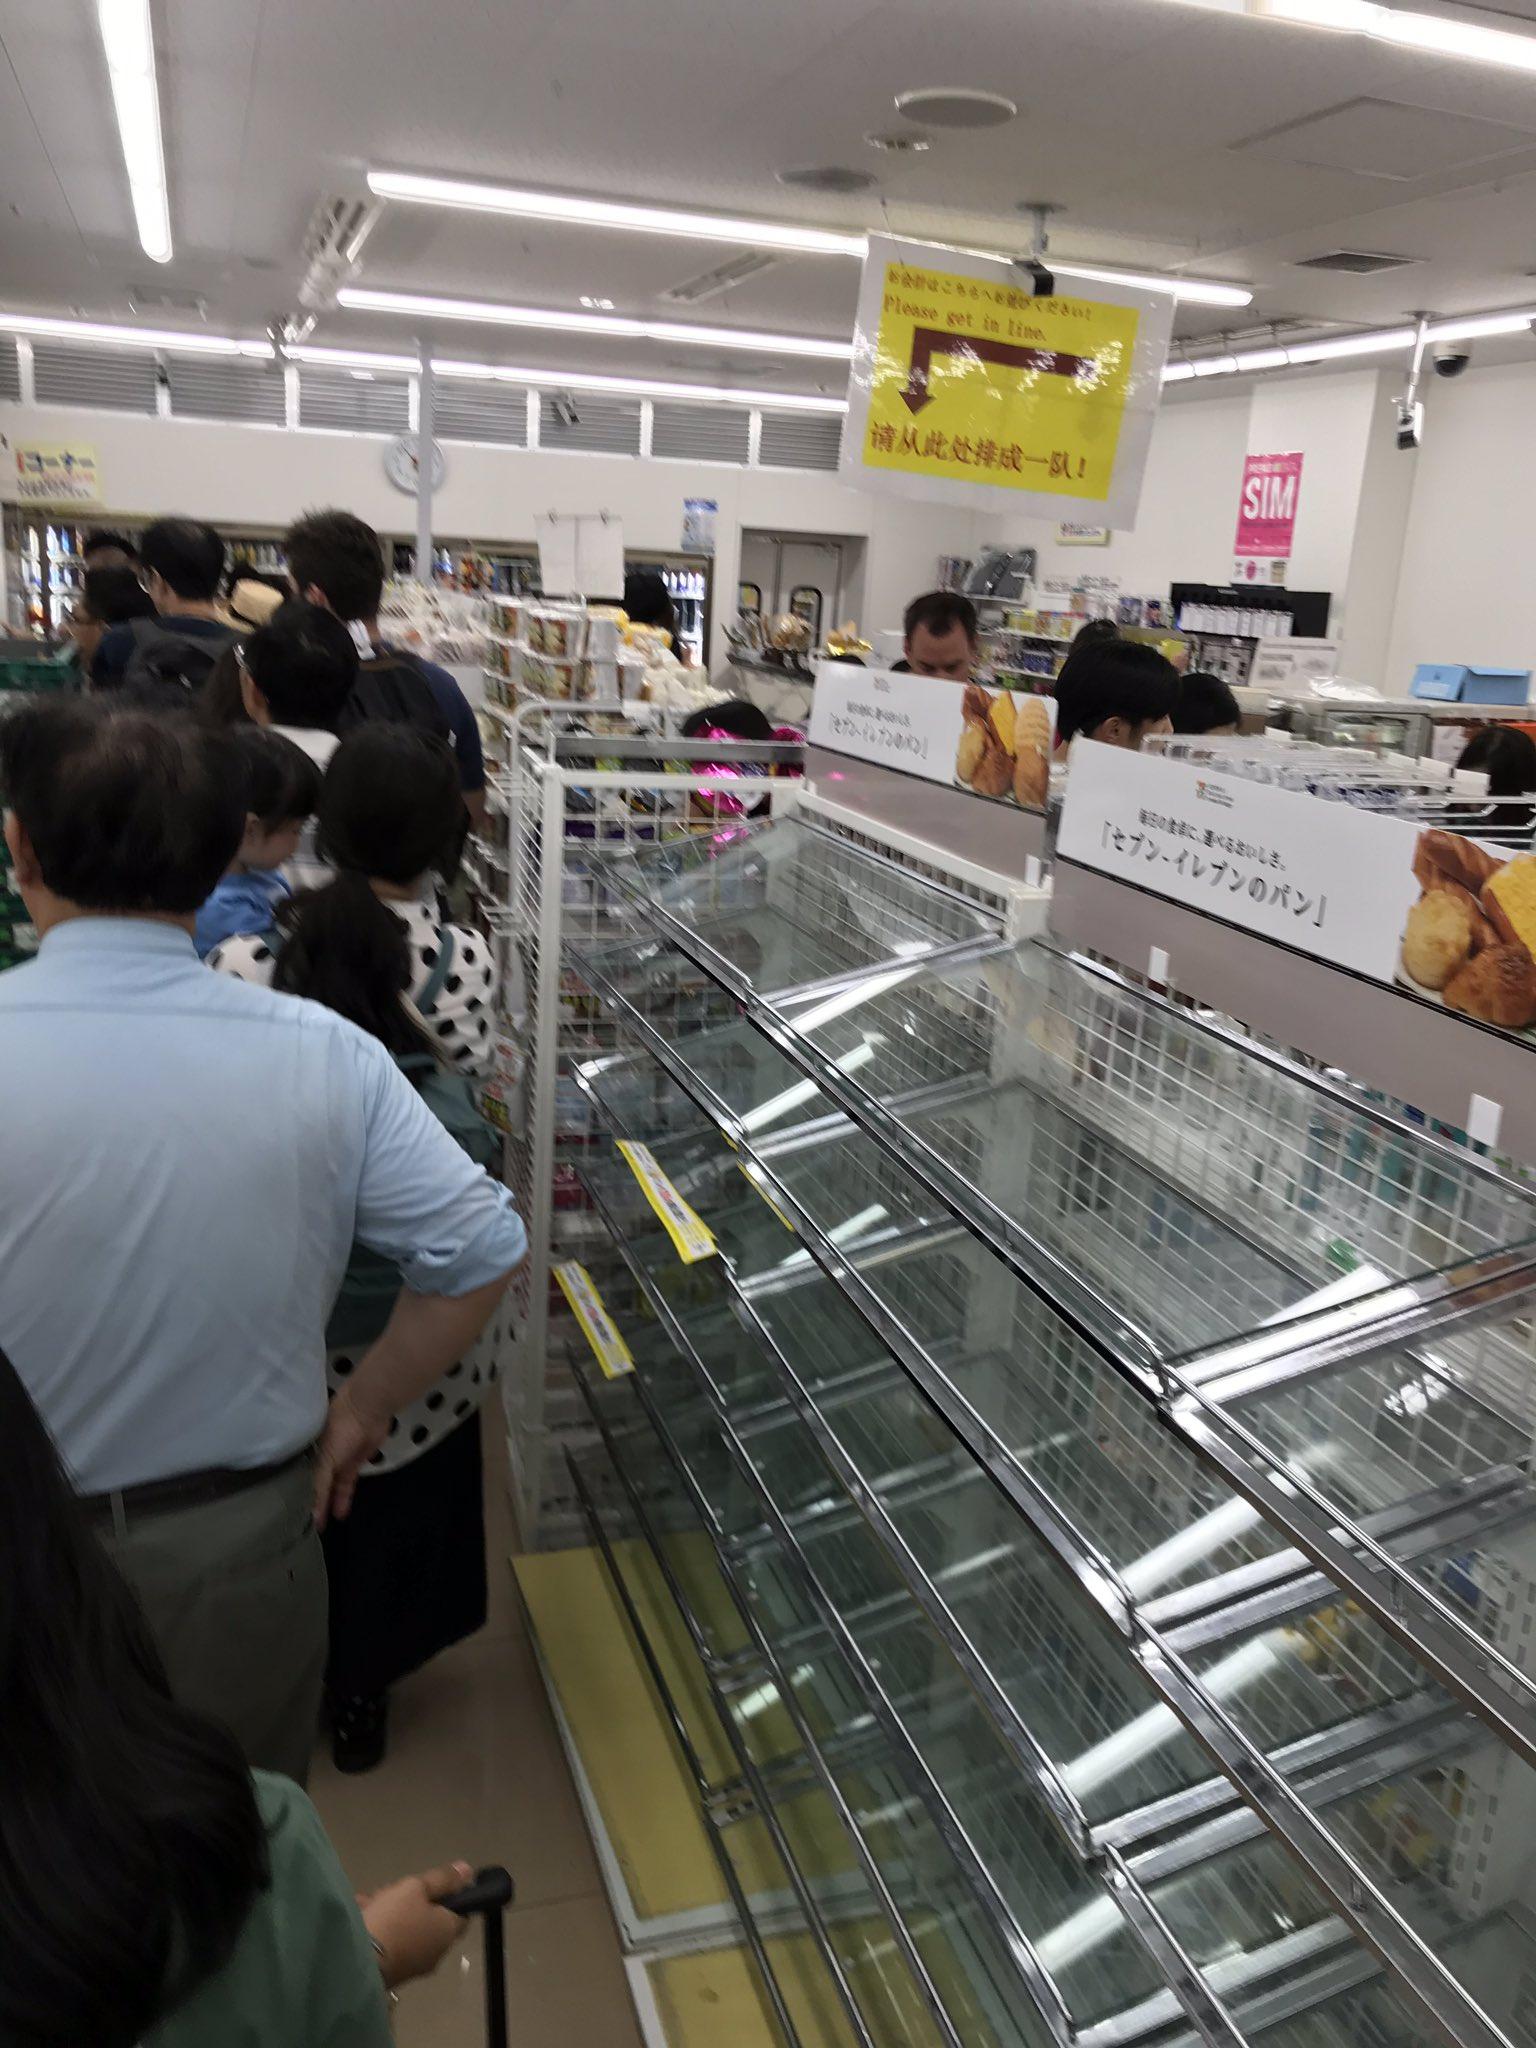 成田空港のコンビニの商品が売り切れになっている画像